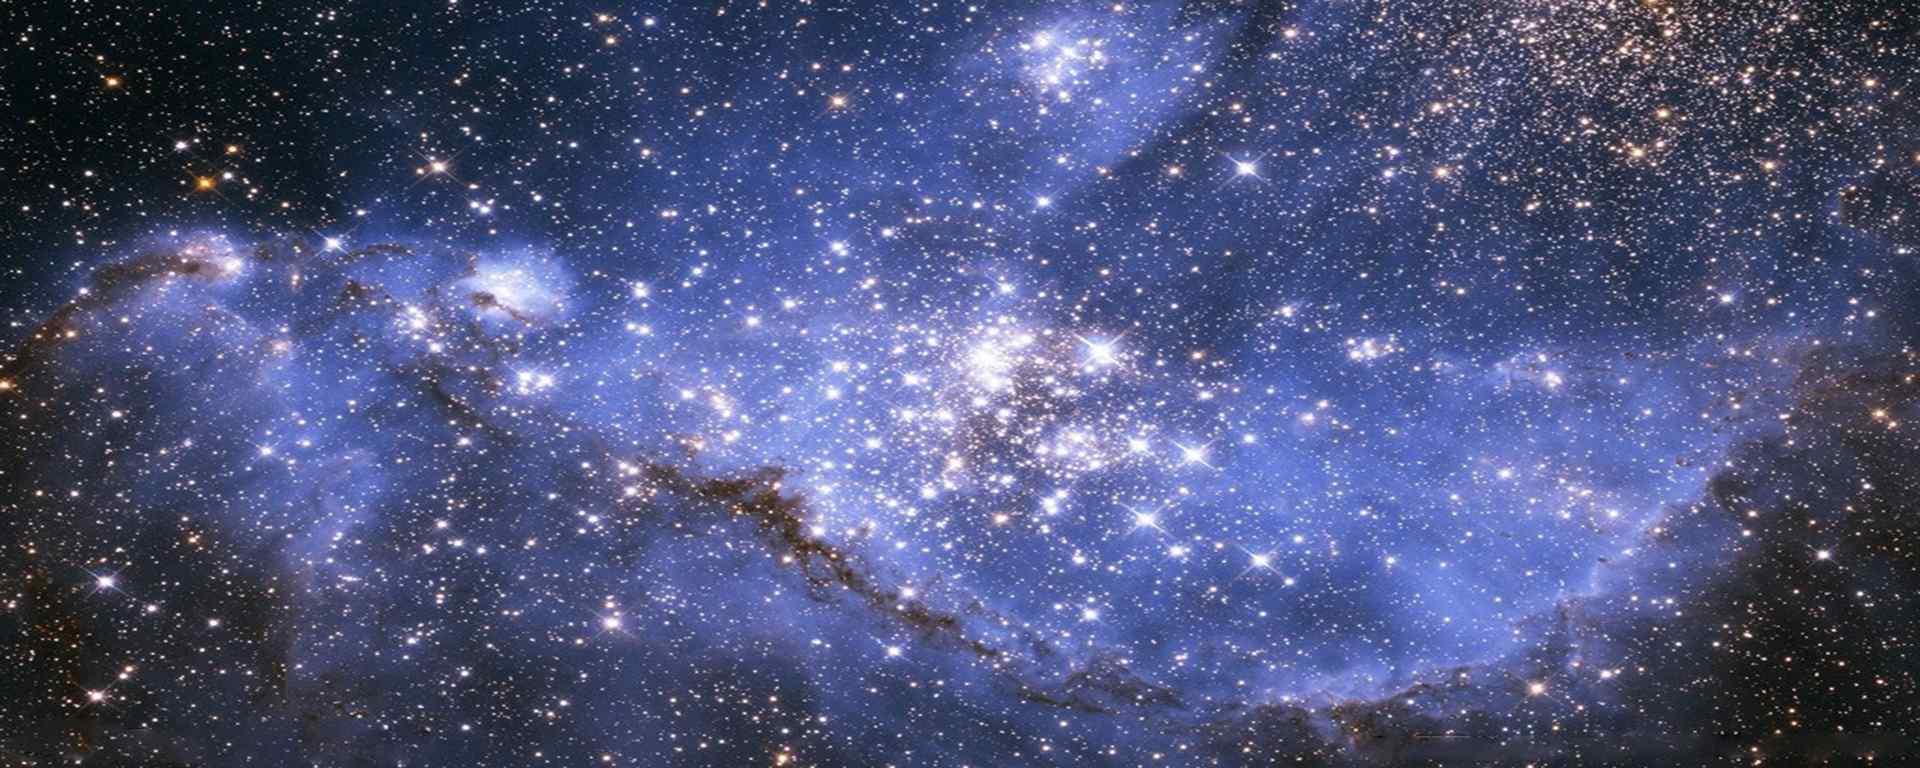 背景 壁纸 皮肤 星空 宇宙 桌面 1920_768图片